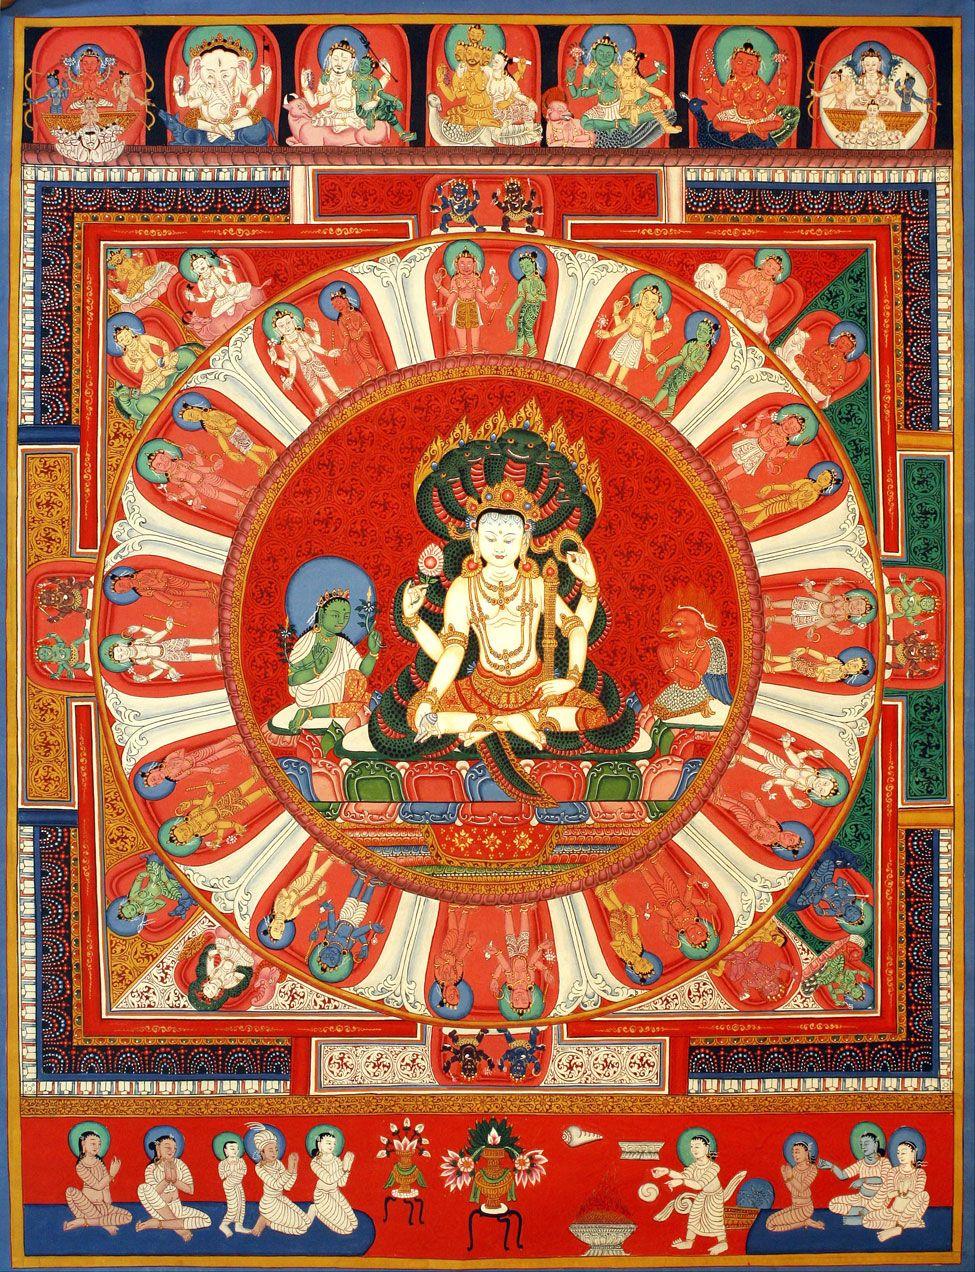 avatares de vishnu - Buscar con Google | Interfaith